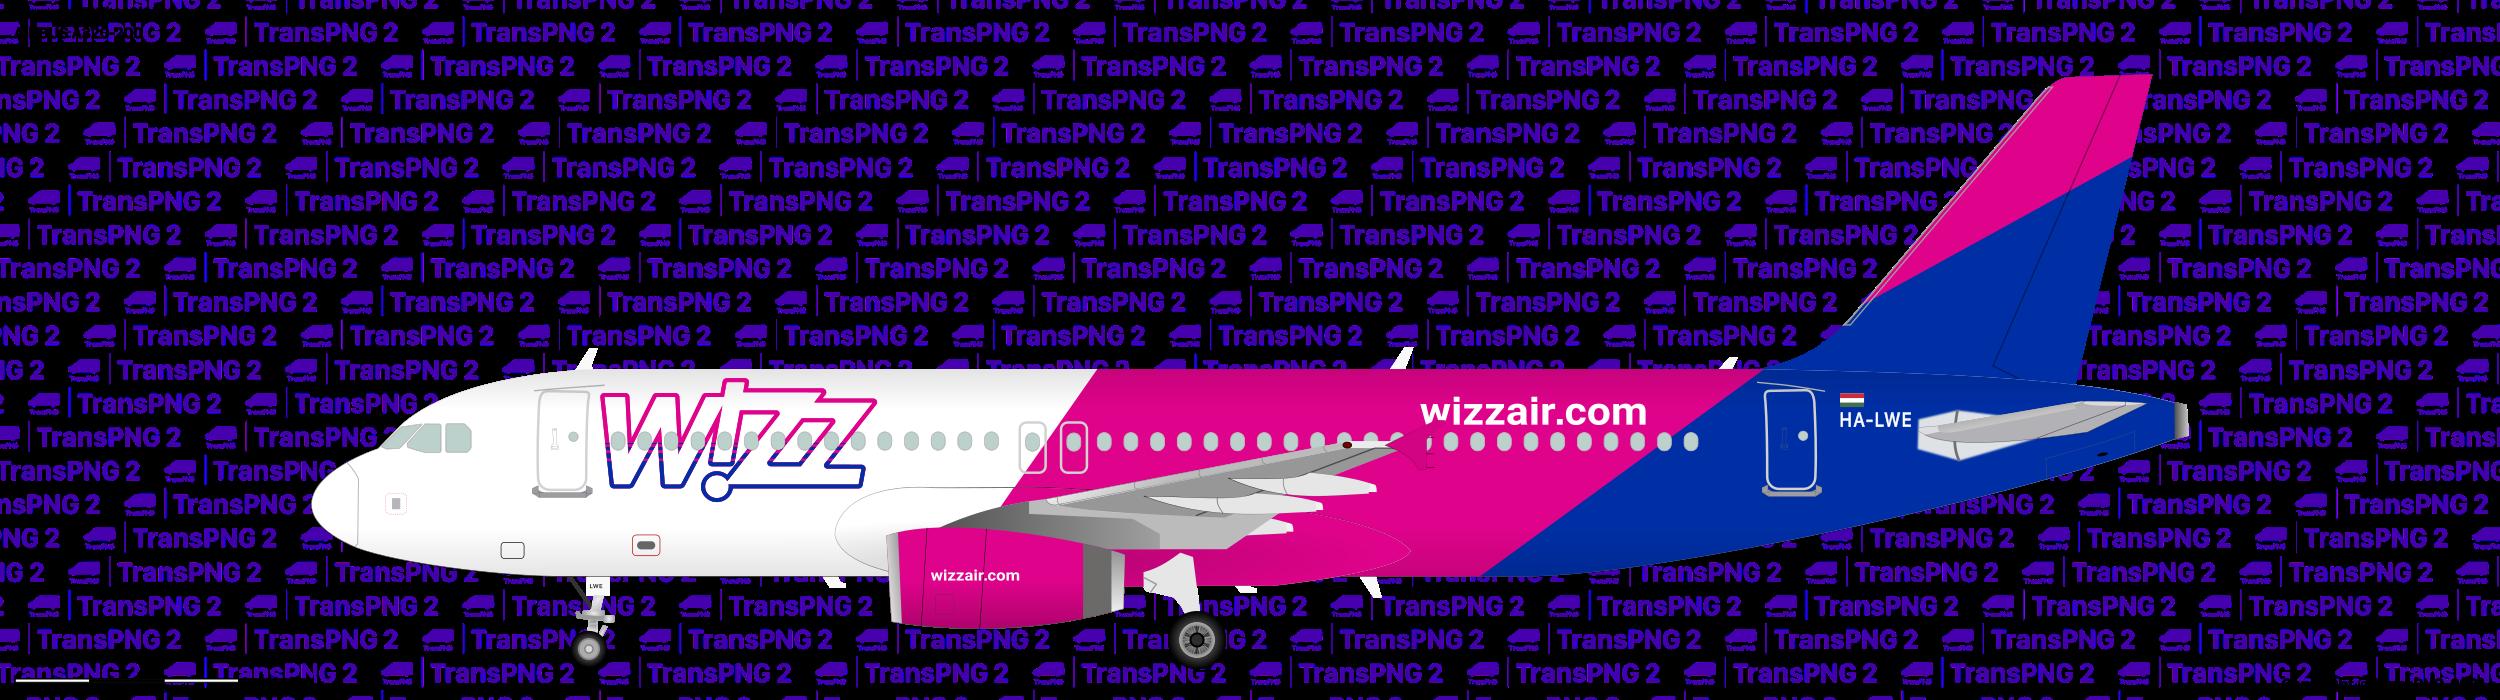 TransPNG.net | 分享世界各地多種交通工具的優秀繪圖 - 飛機 25133